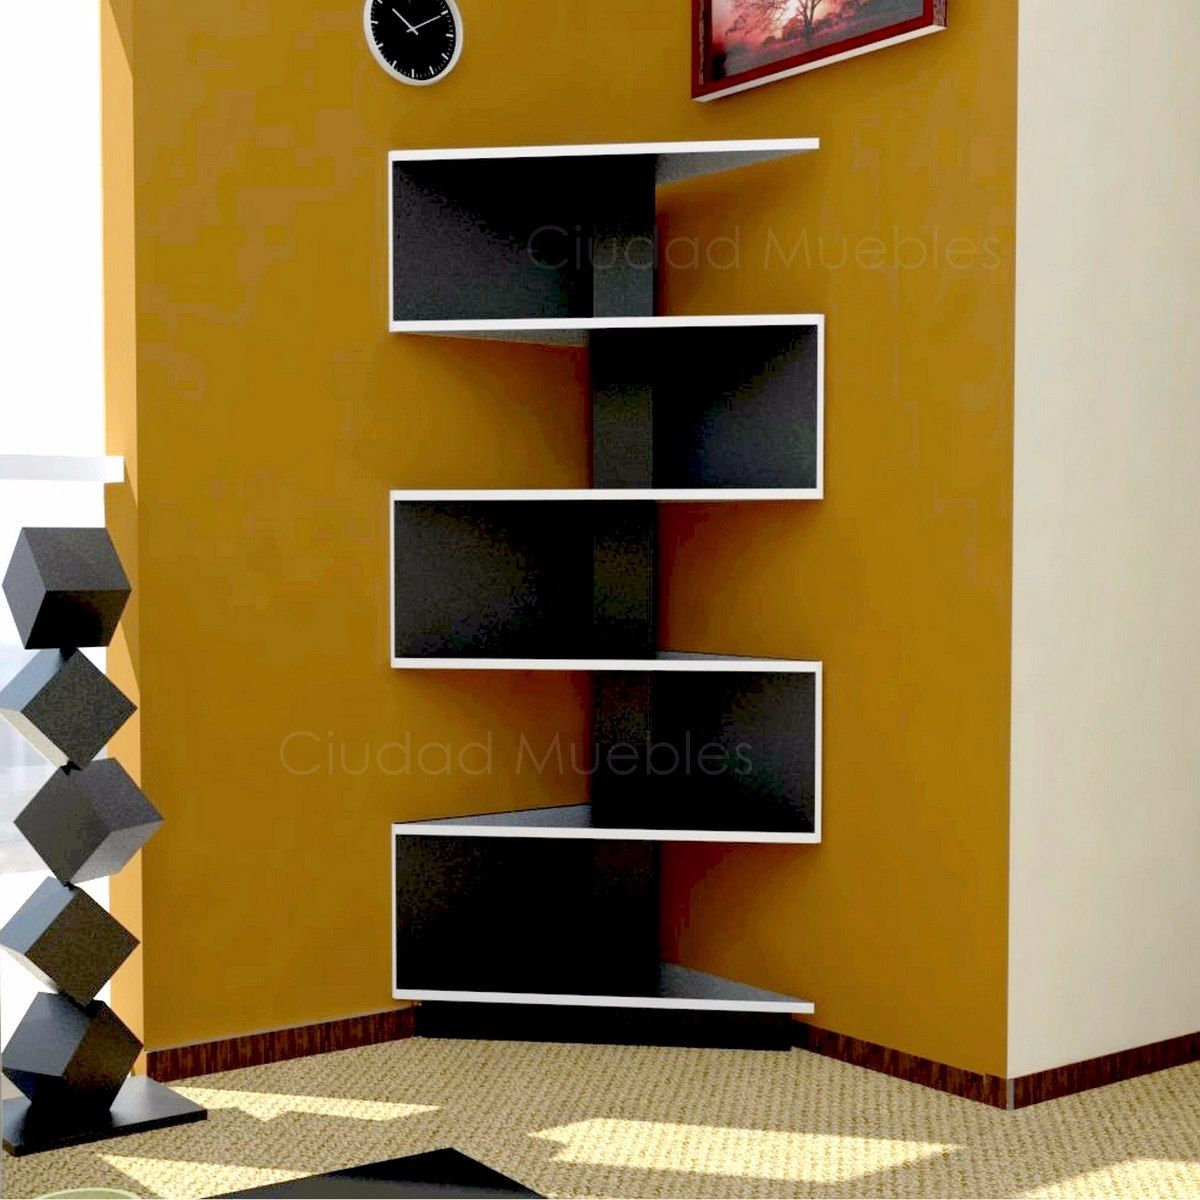 Modular mueble esquinero moderno dise o minimalista unico for Disenos de modulares para living